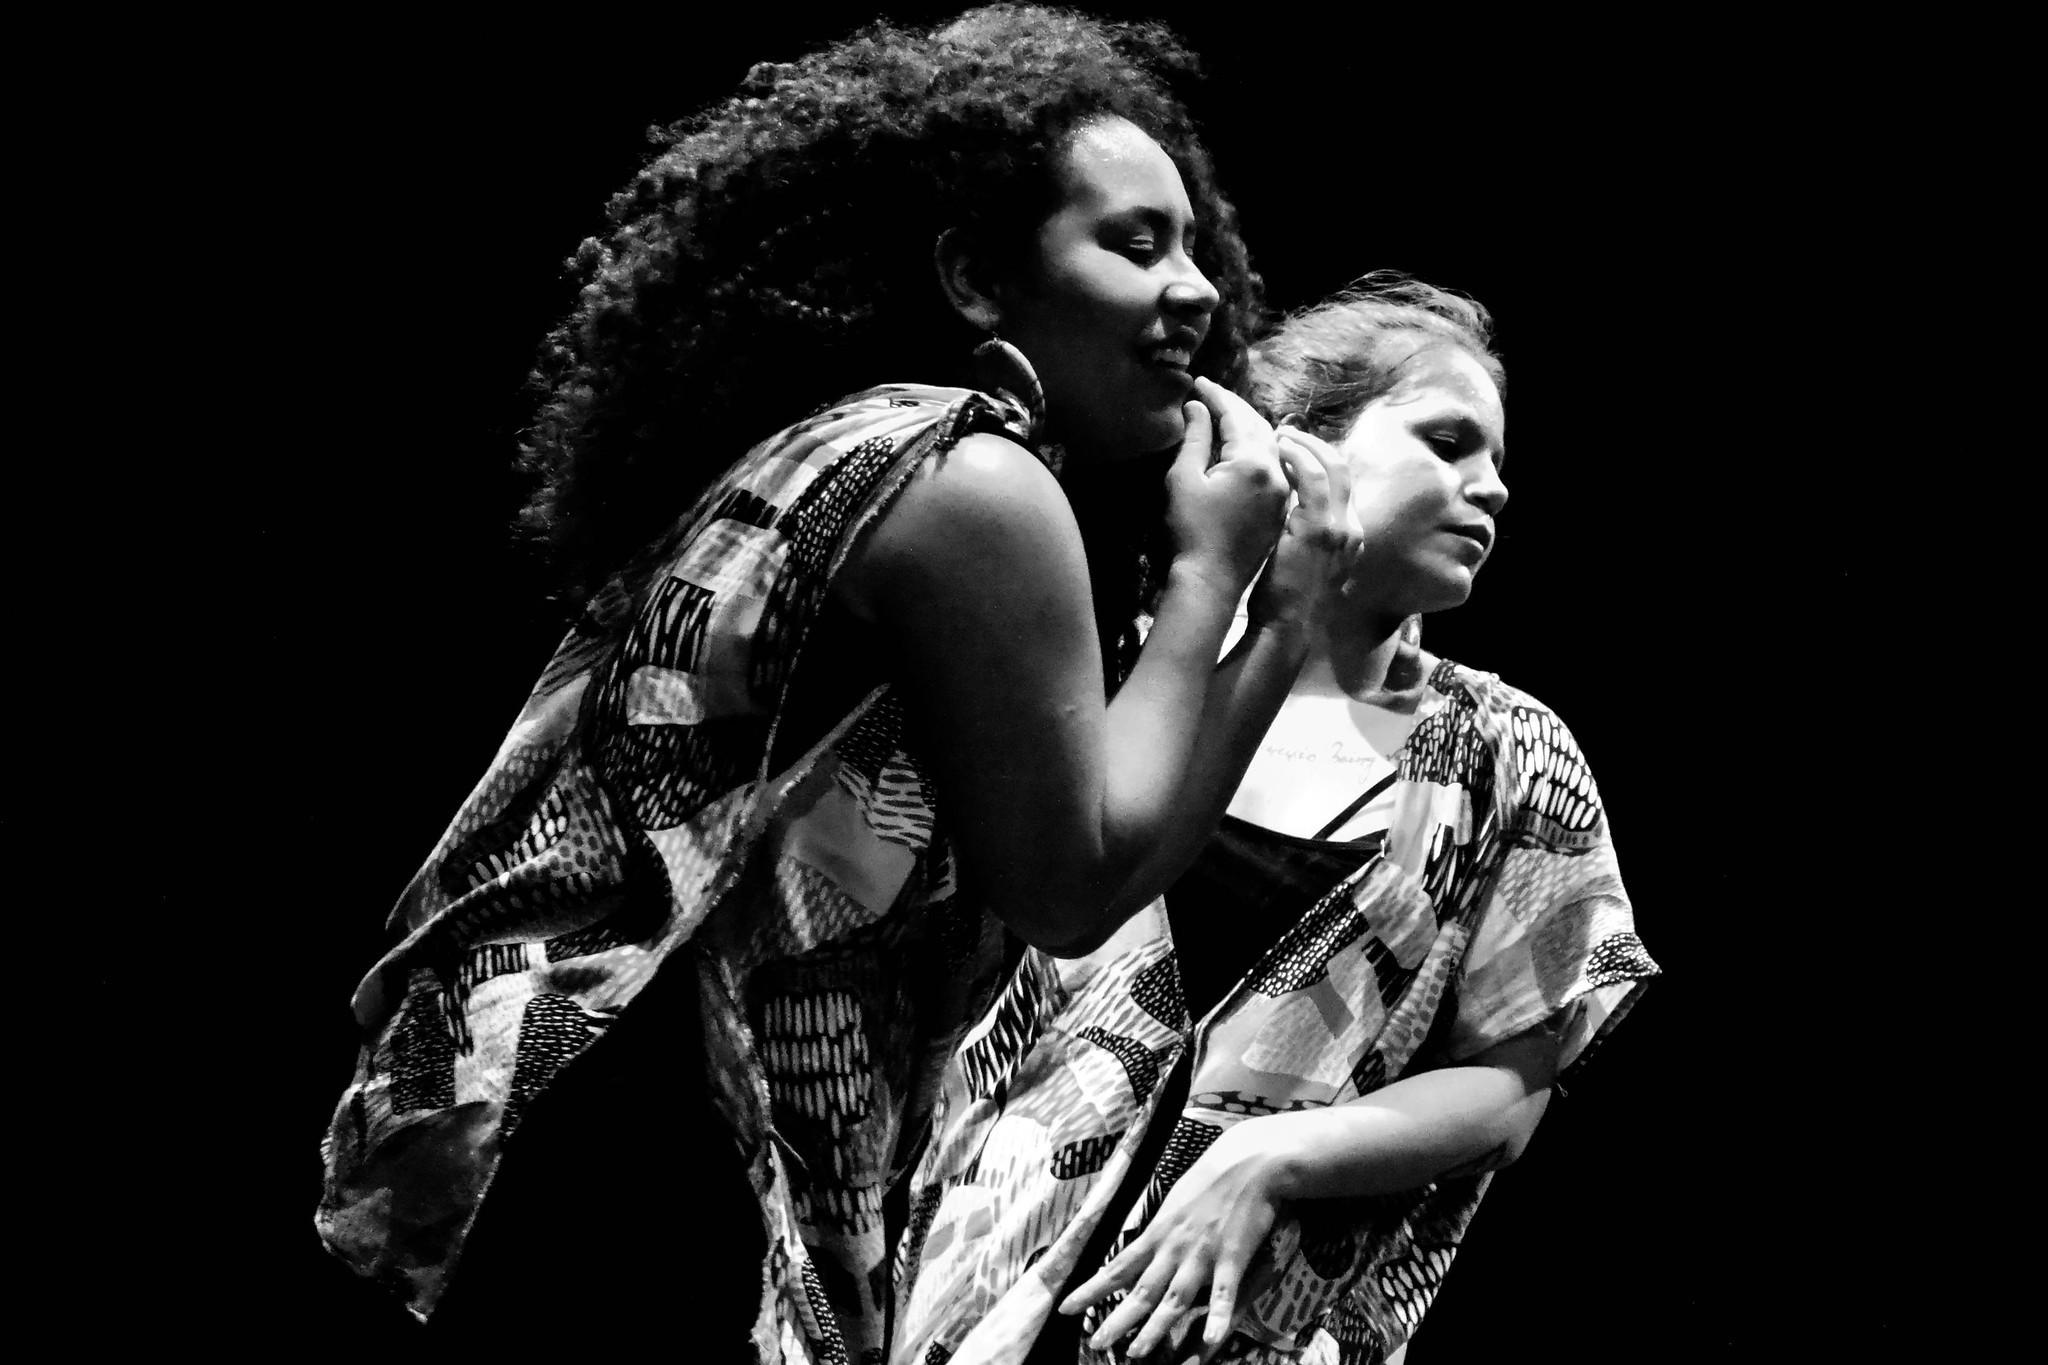 Espetáculo de dança 'Notas Sobre Ela' é apresentado em escolas de jovens e adultos em Manaus - Notícias - Plantão Diário